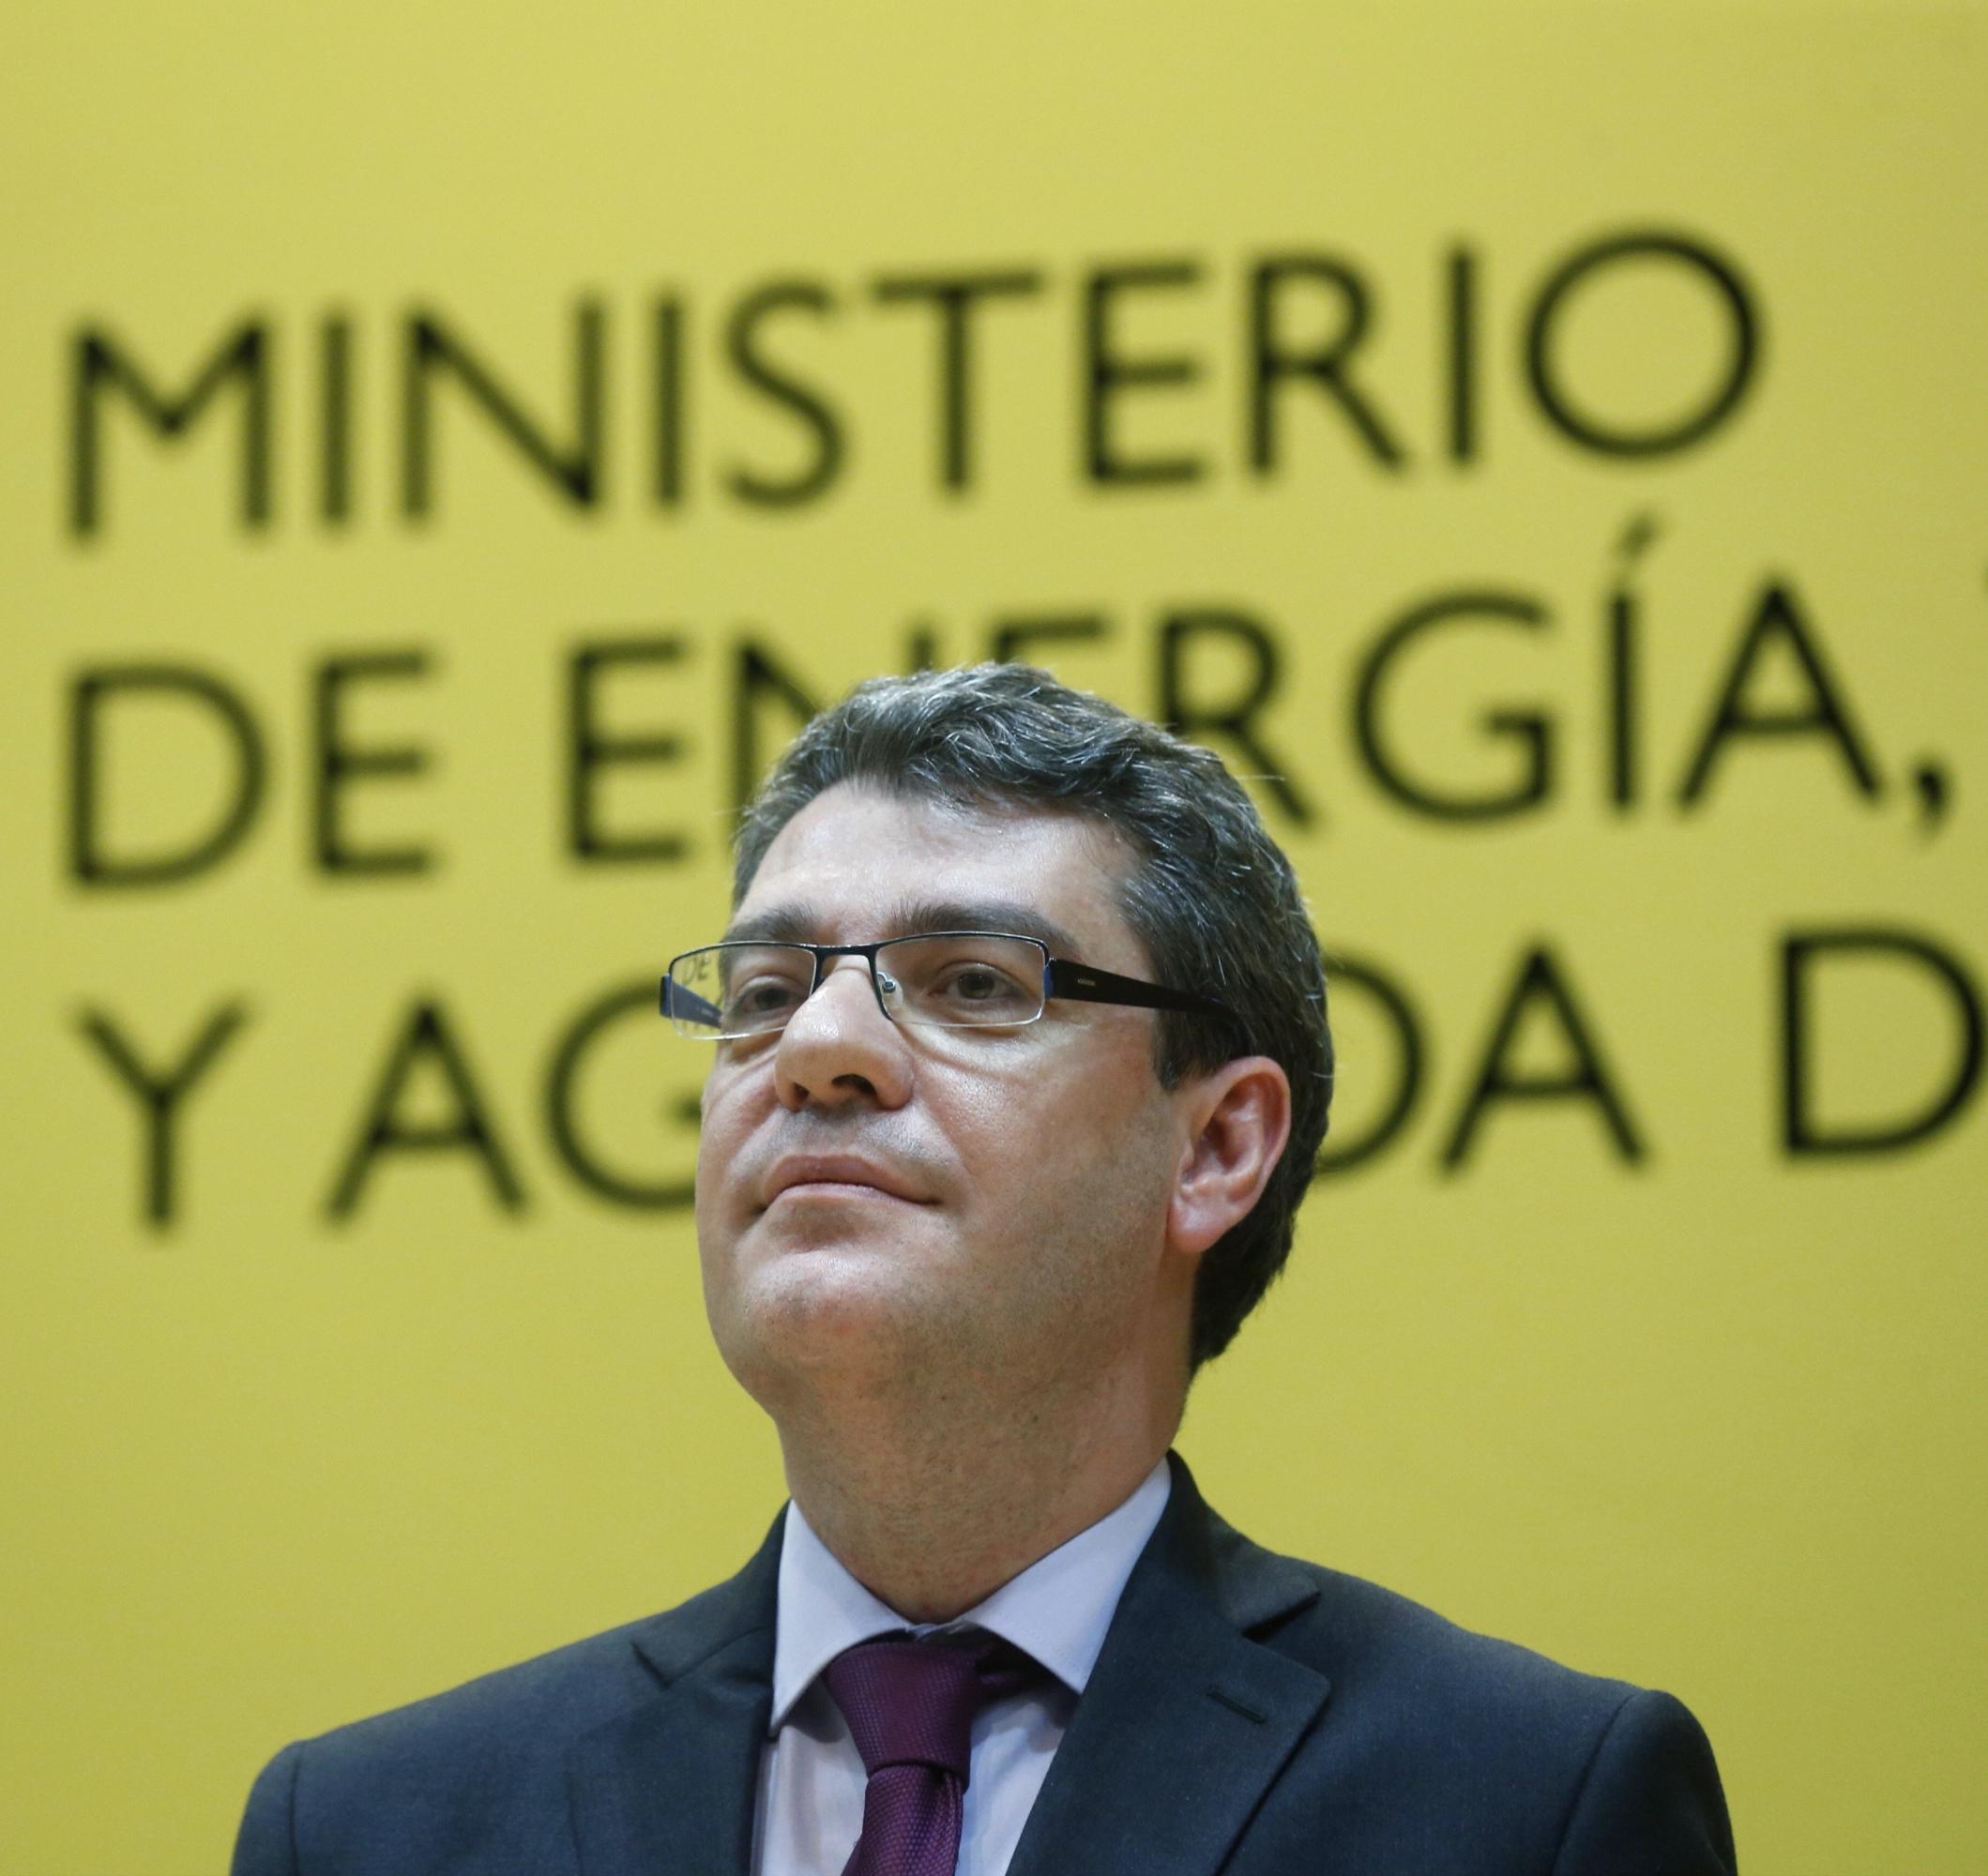 El nuevo ministro Álvaro Nadal presume de un doctorado en Harvard ...